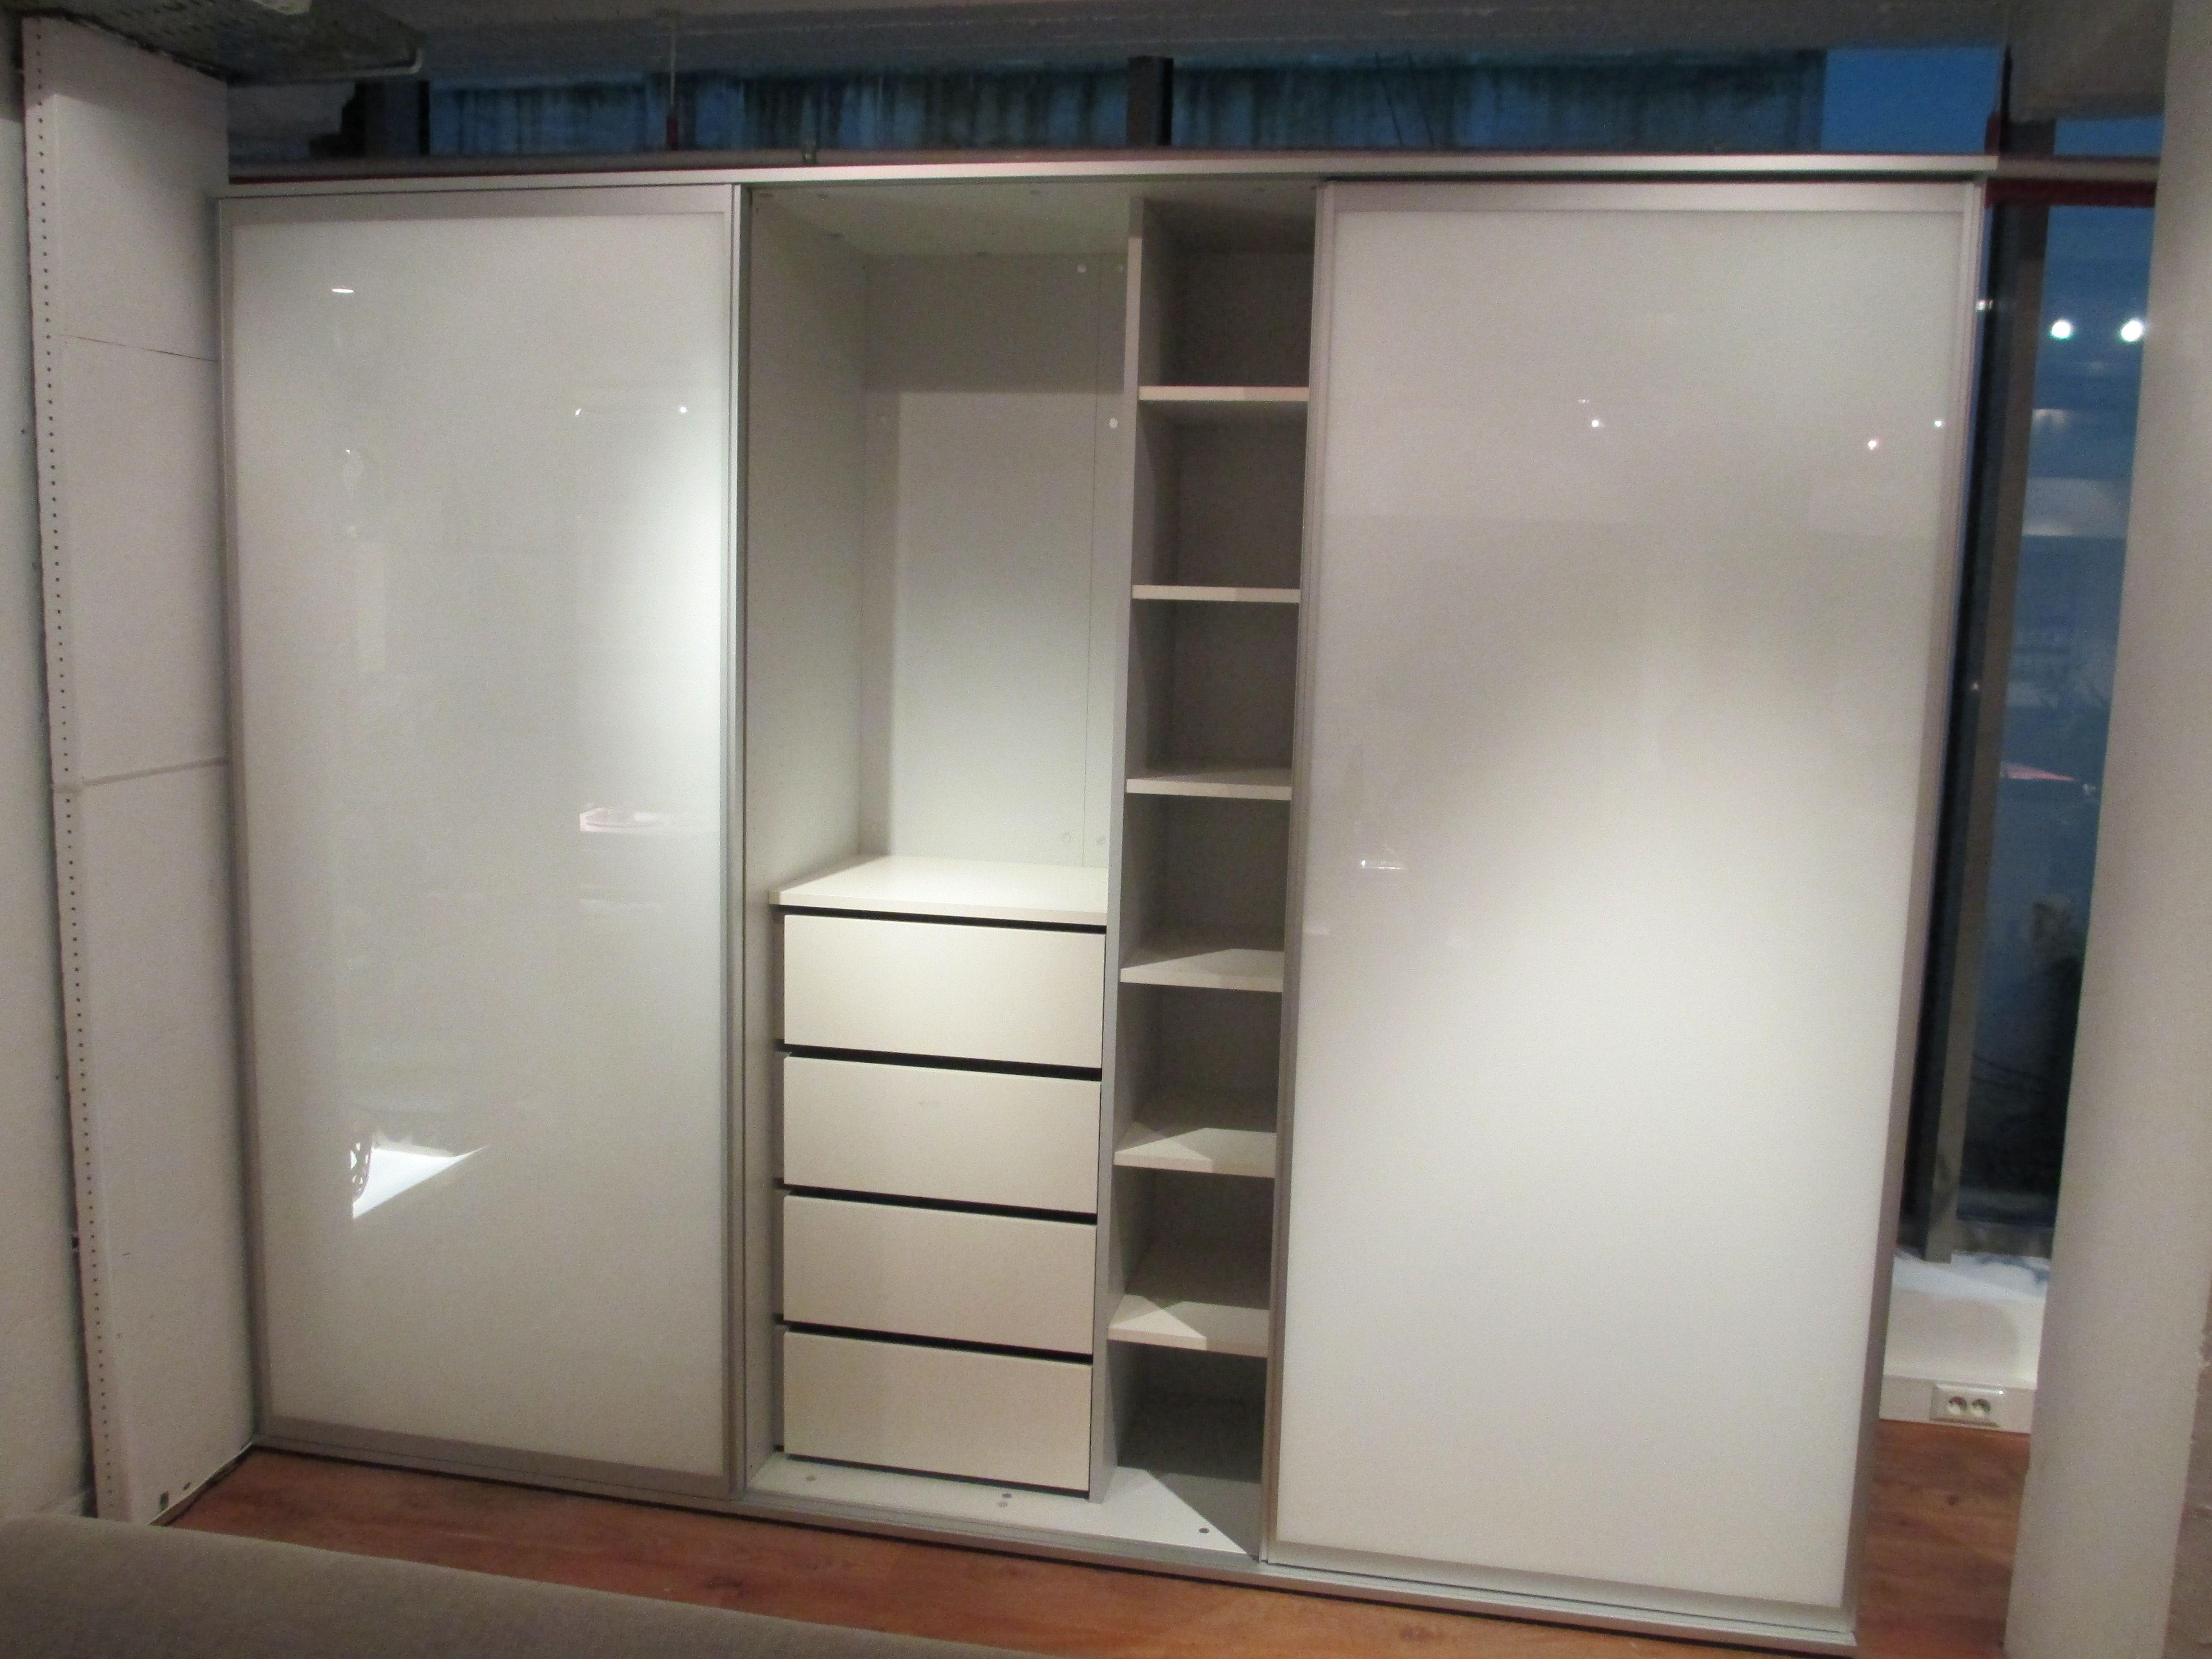 Promo dans notre showroom bruxelles cette armoire verre for Armoire boconcept